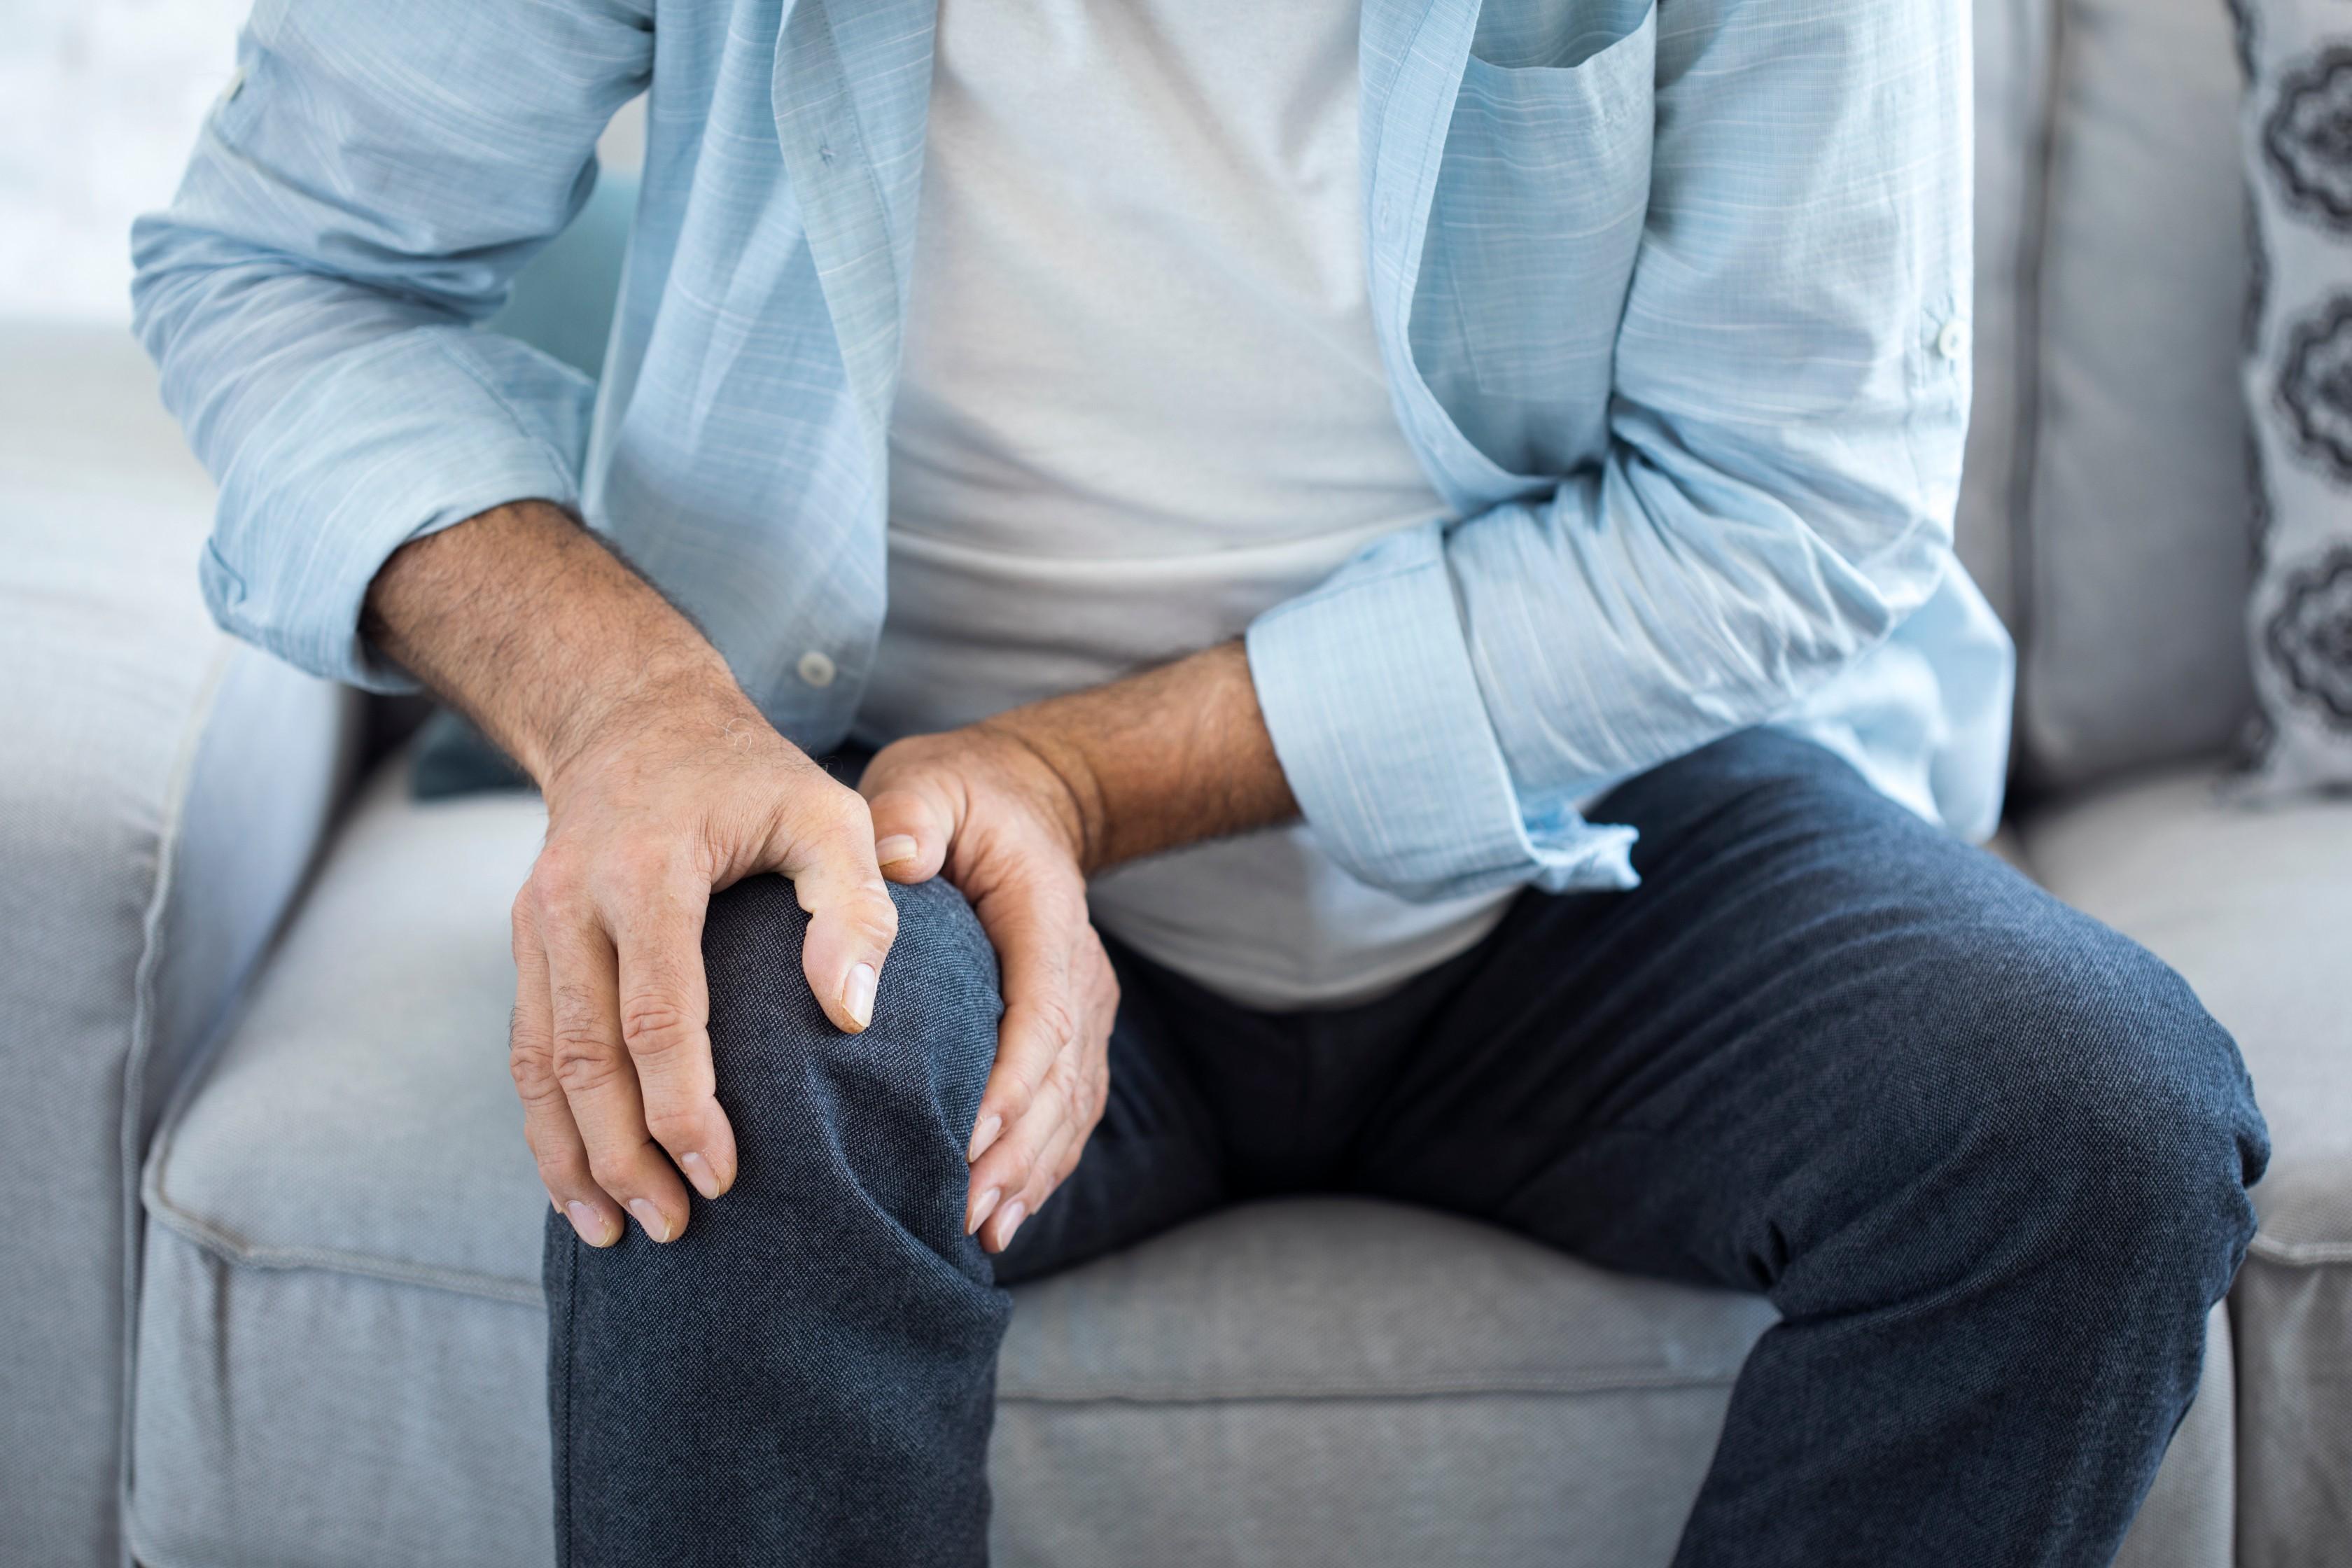 térdtörés tünetei, ahol a fájdalom rögzítve van a nagy ujjkezelés közös megnagyobbodása